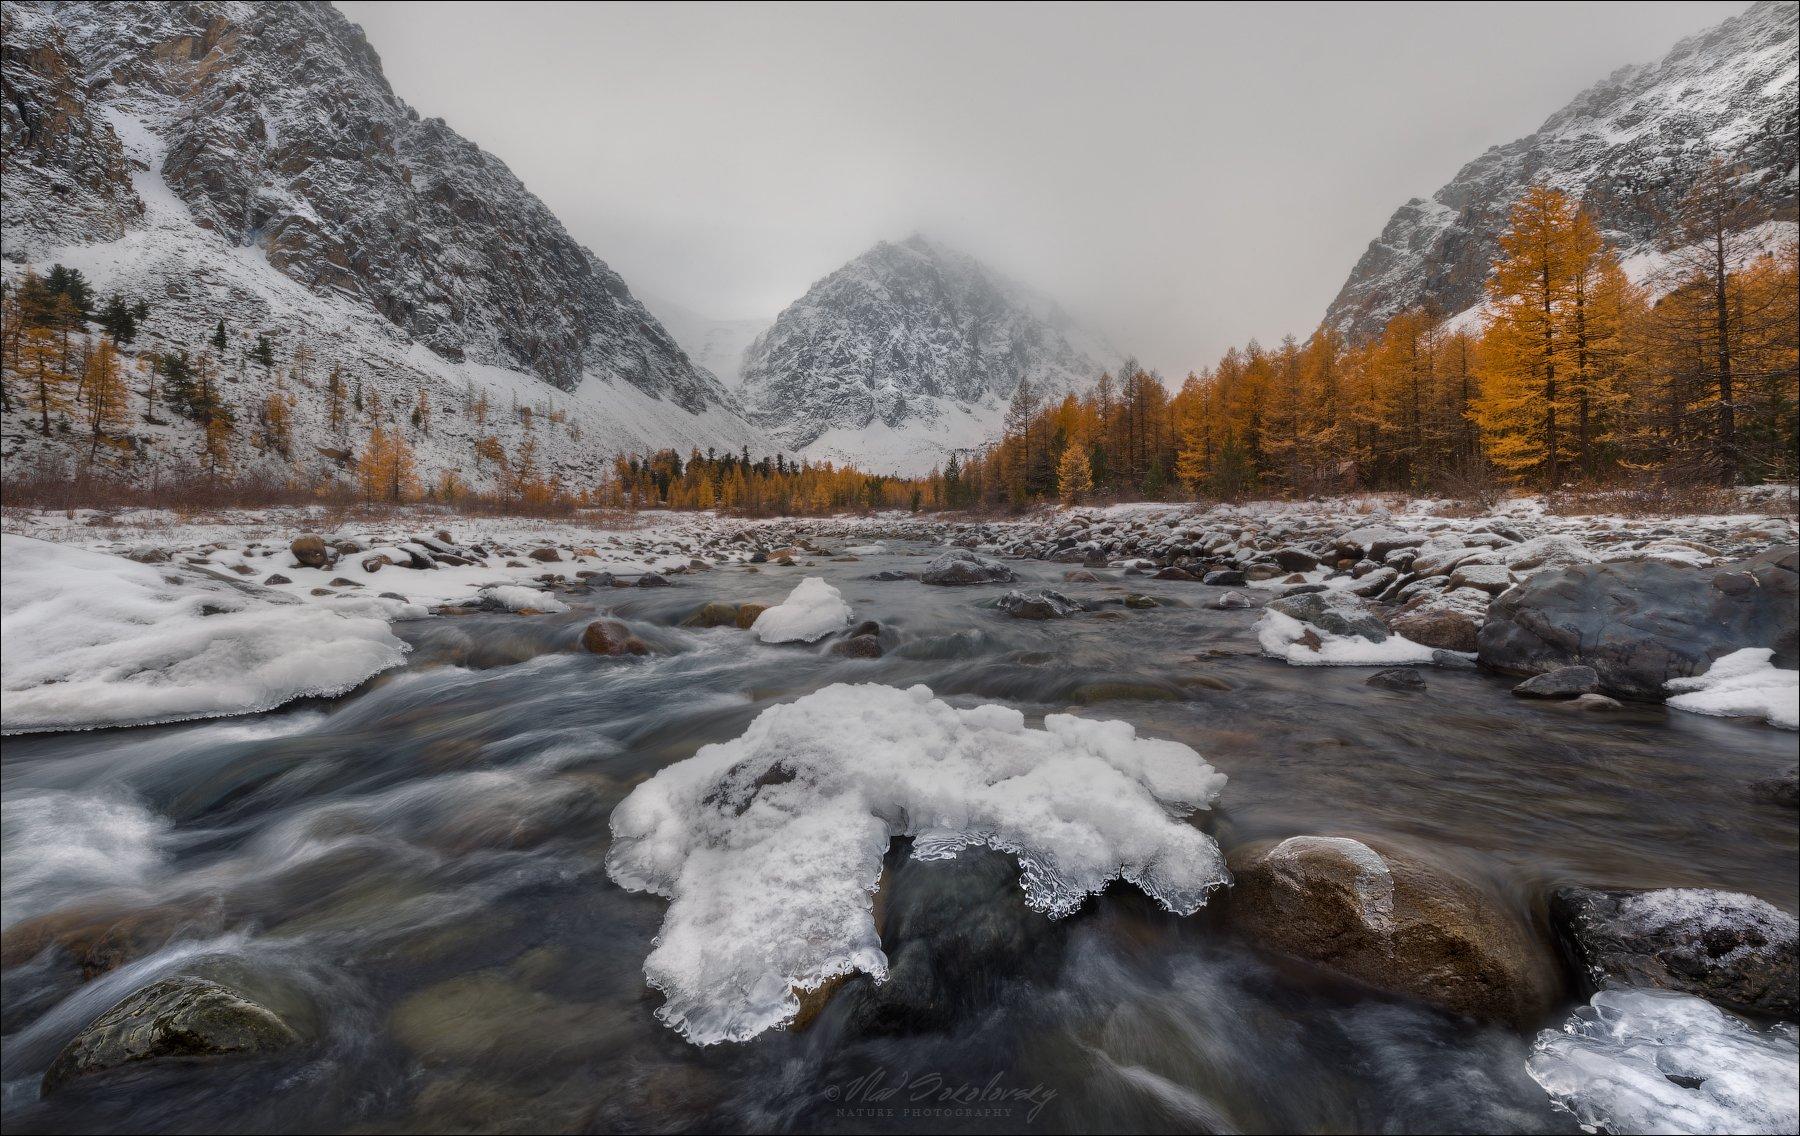 алтай, актру, караташ, осень, горы, туман, Влад Соколовский